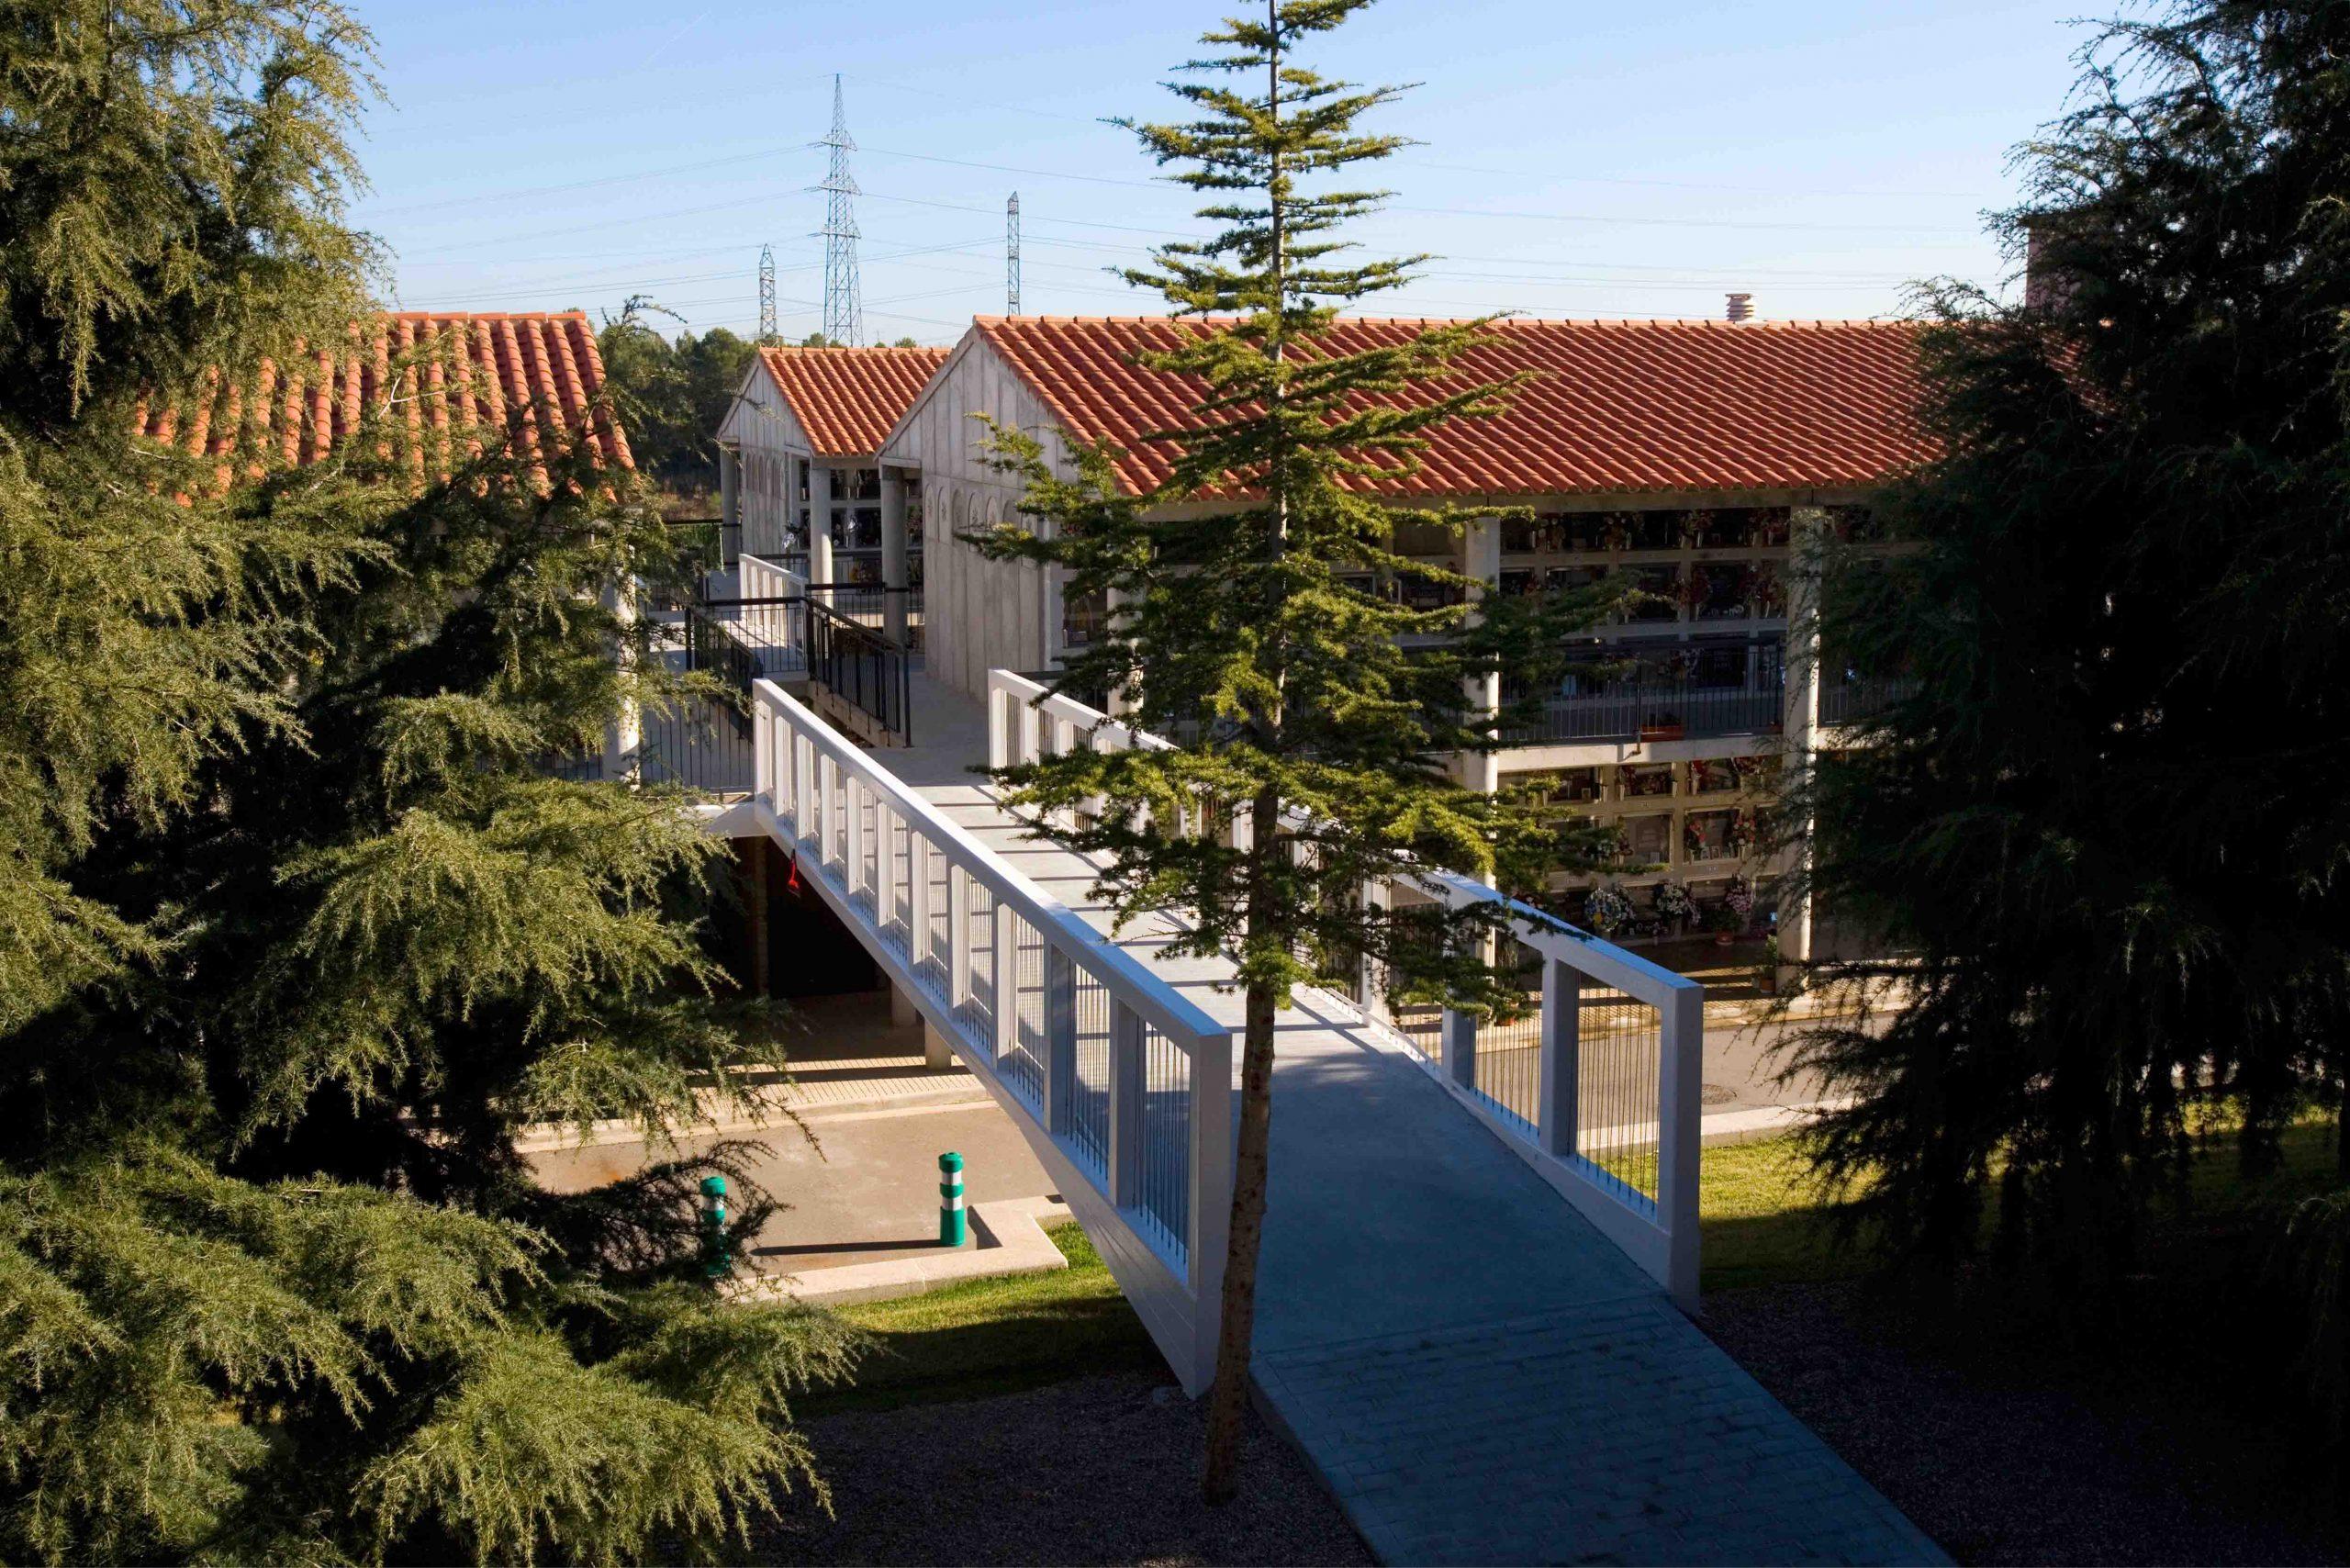 cementerio_terrassa_nichos_doble_planta_accesibilidadBR